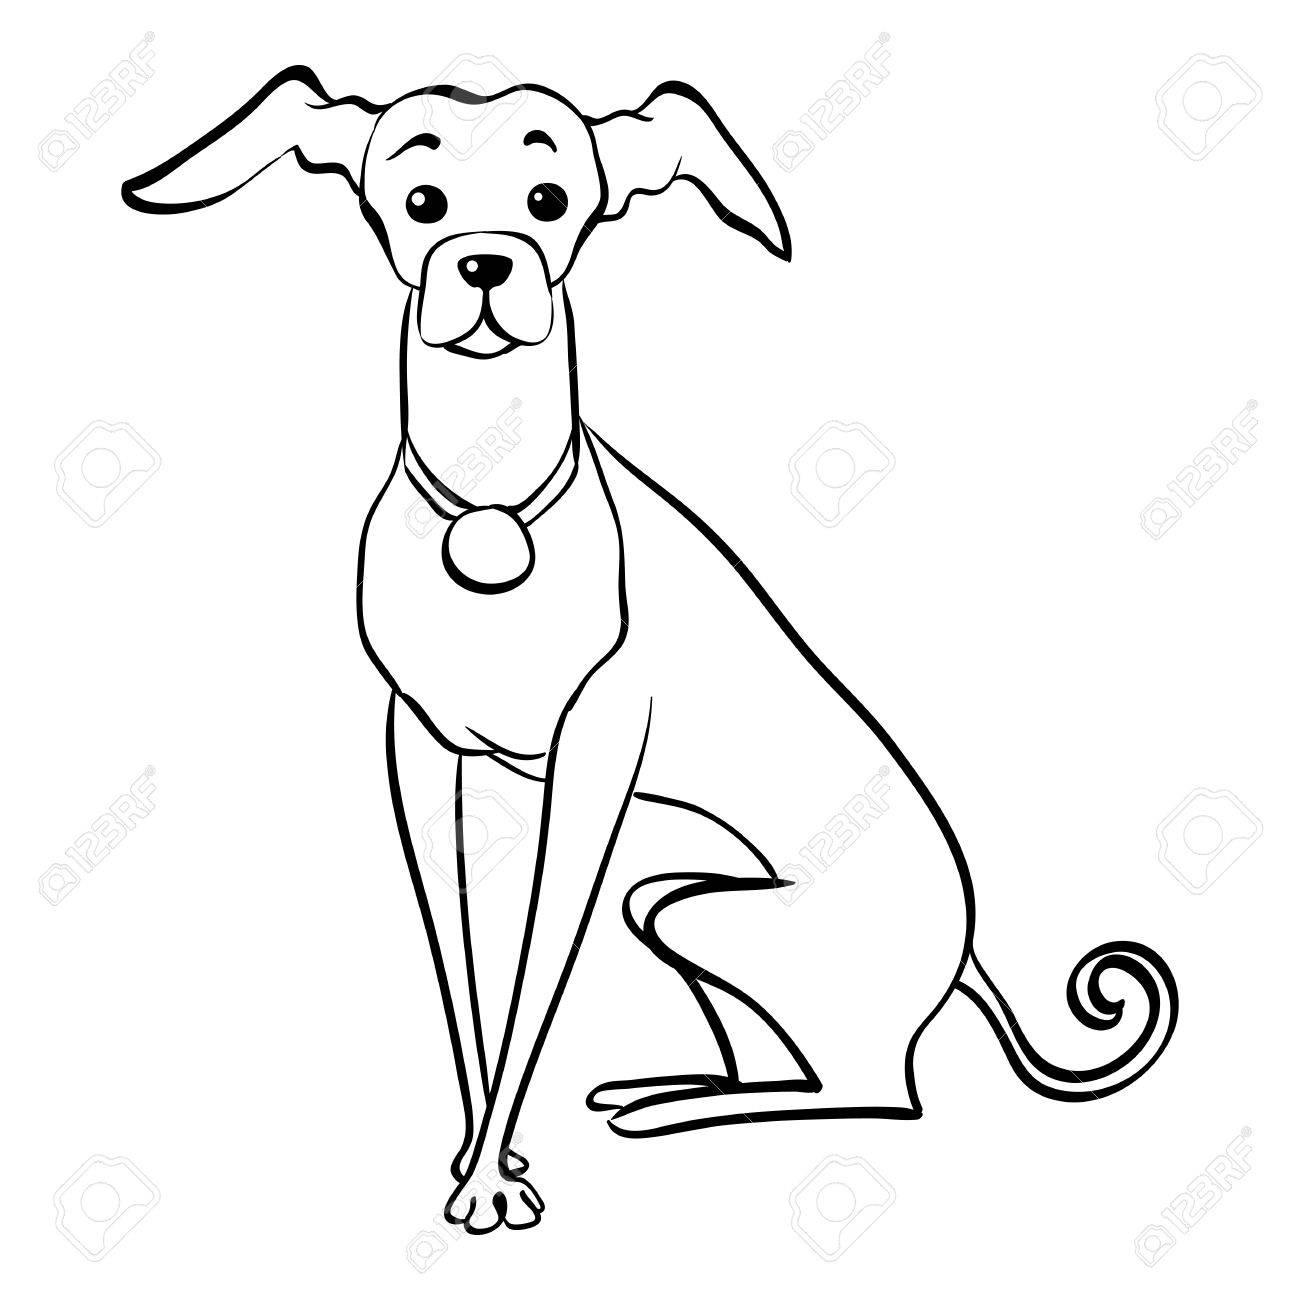 1300x1300 Sketch Funny Dog Italian Greyhound Breed Sitting Hand Drawing